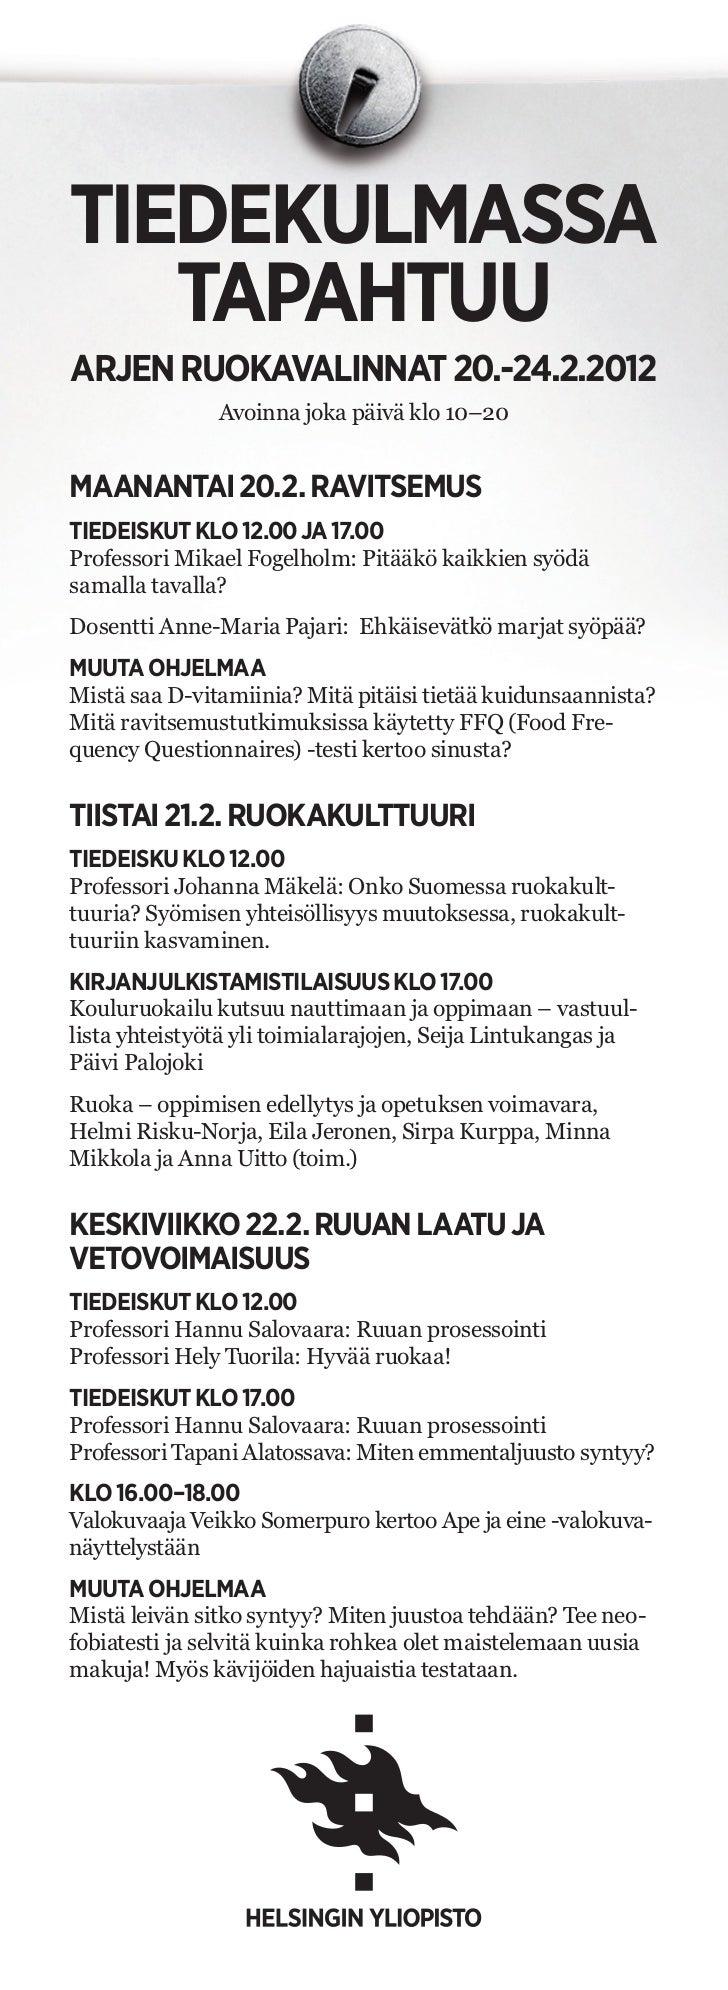 Arjen ruokavalinnat - Ohjelma | Helsingin yliopisto